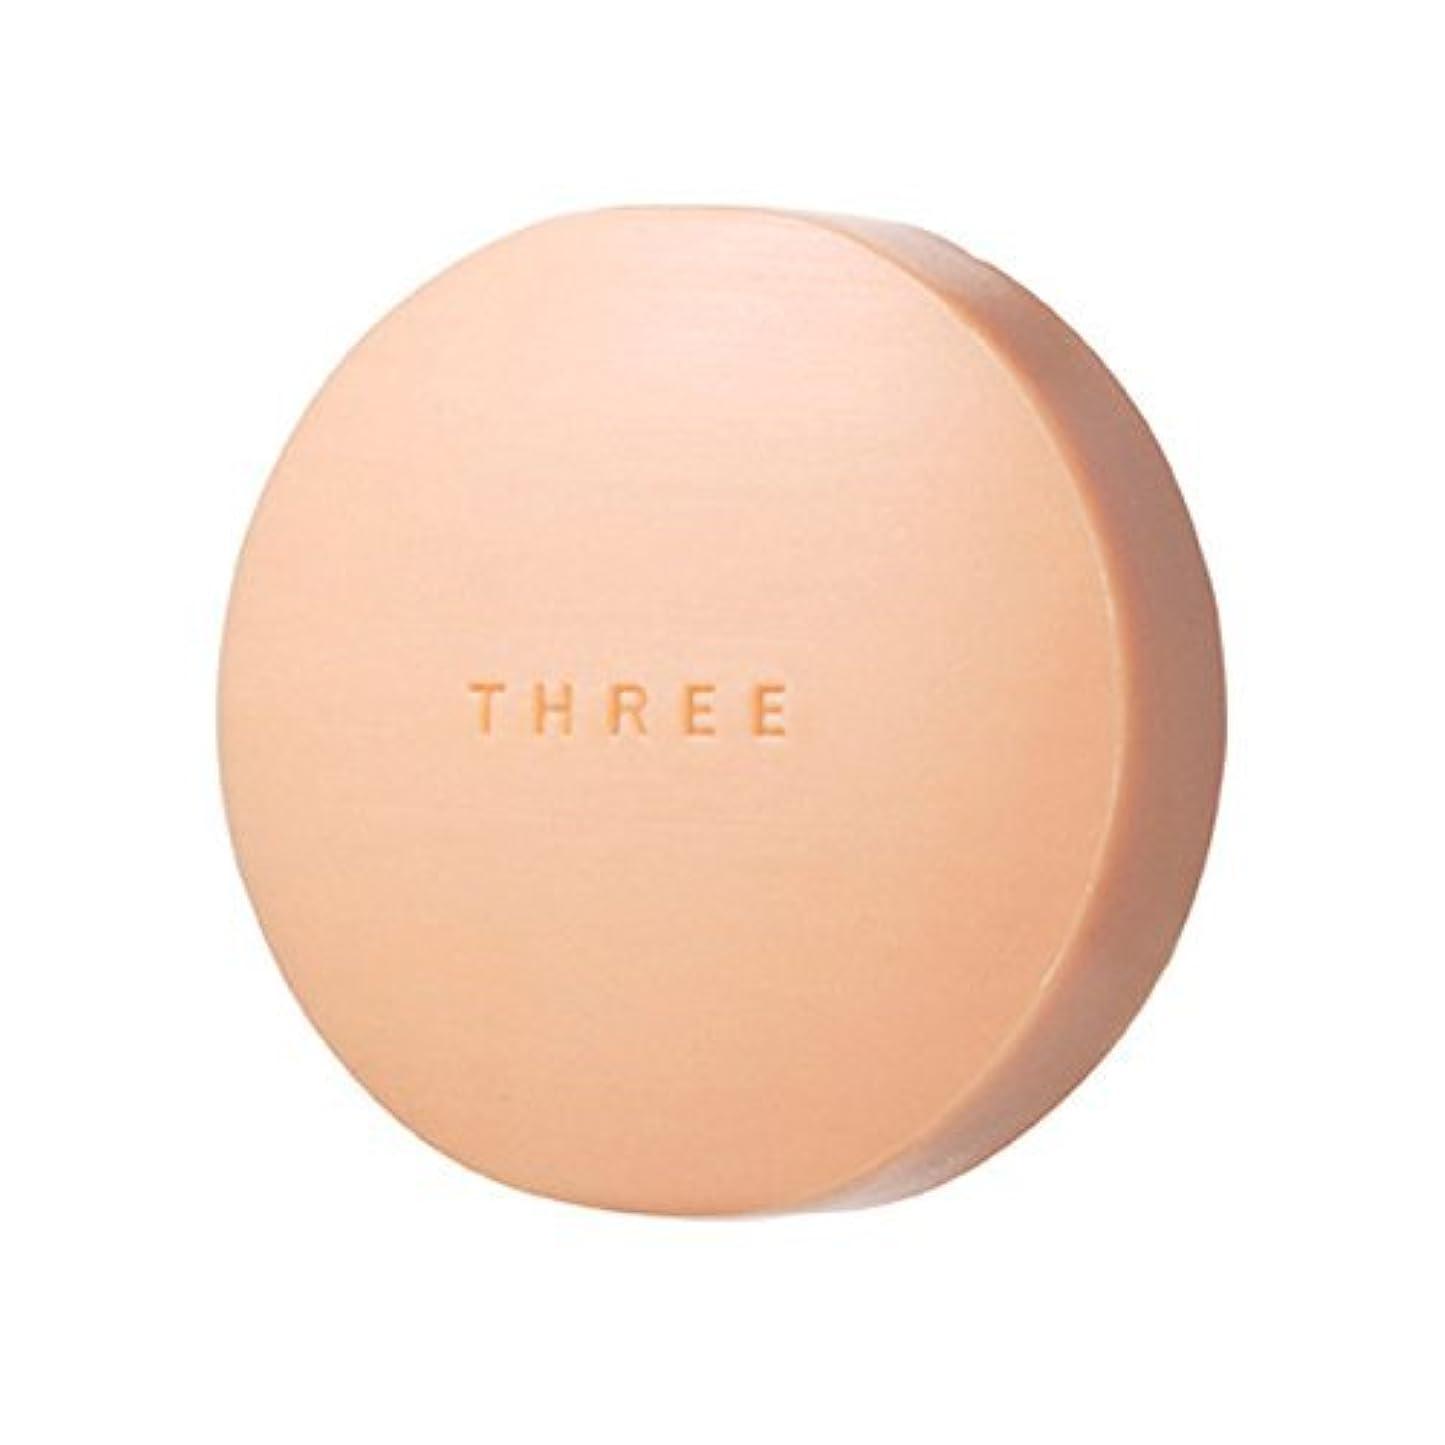 ラインナップいたずらな状態THREE(スリー) THREE エミング ソープ 80g